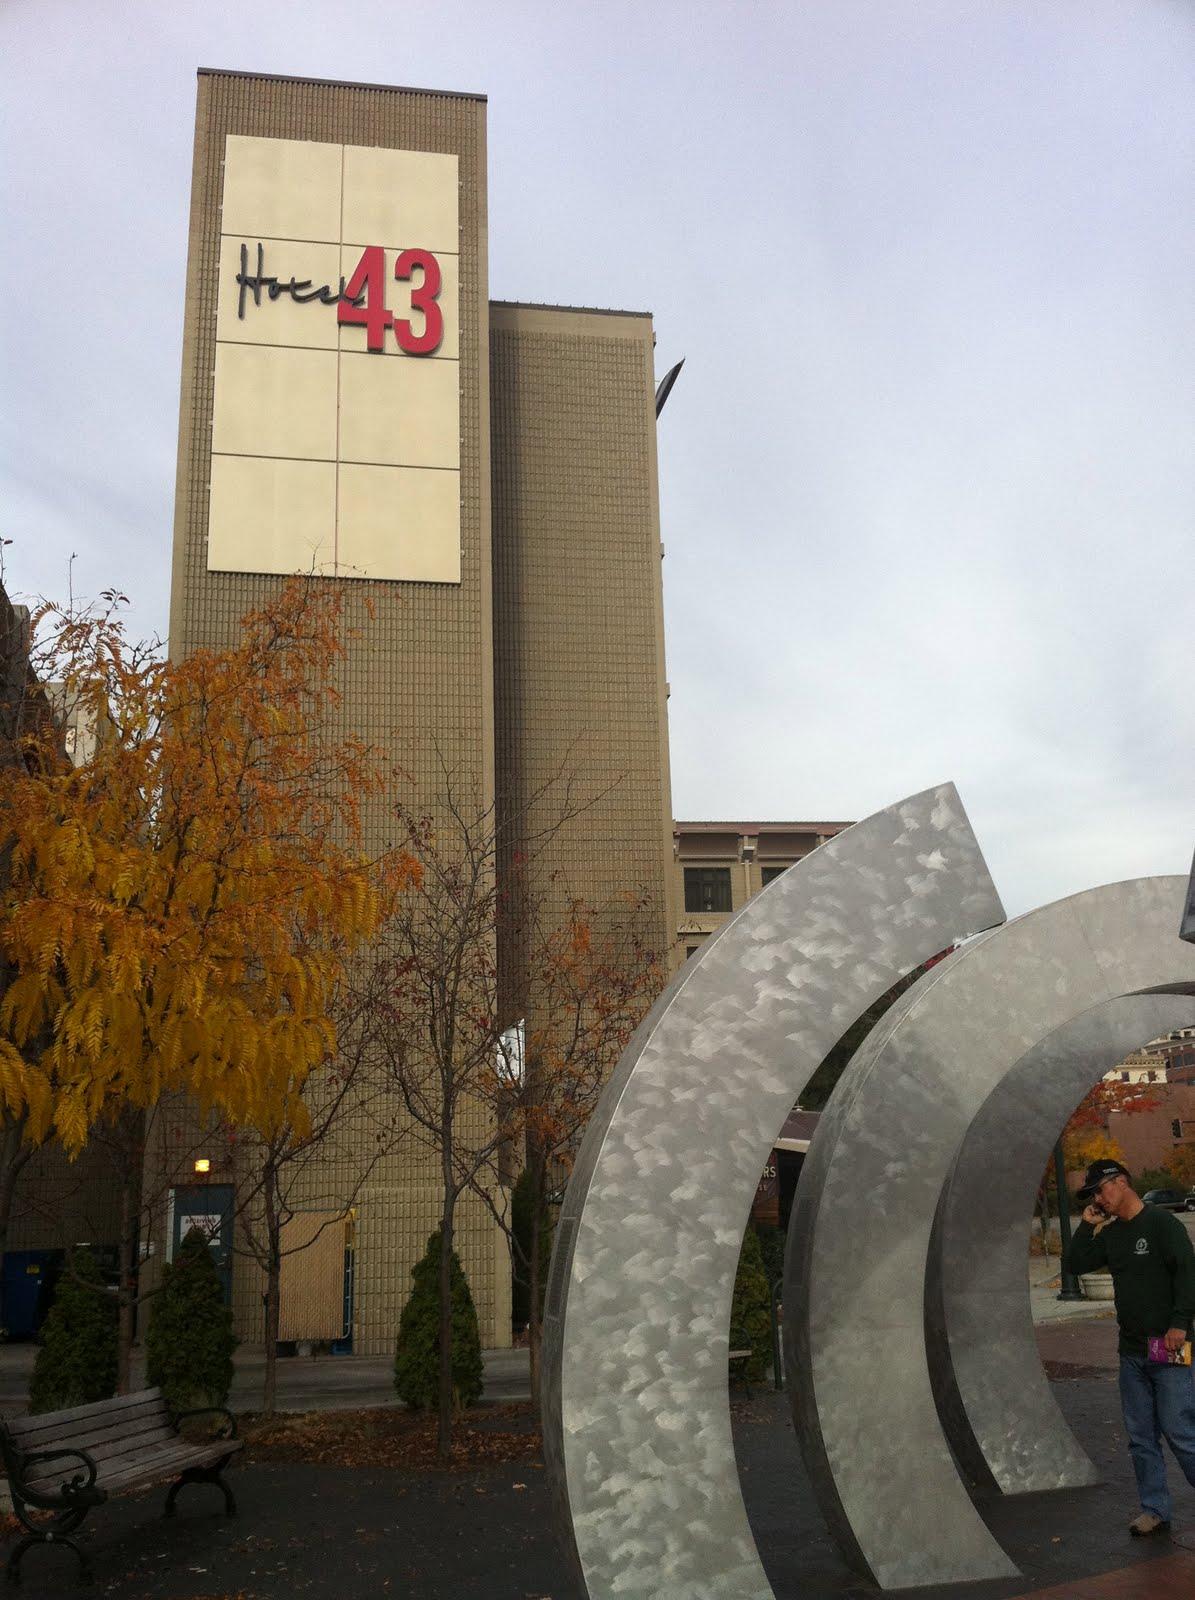 Hotel 43 boise deals